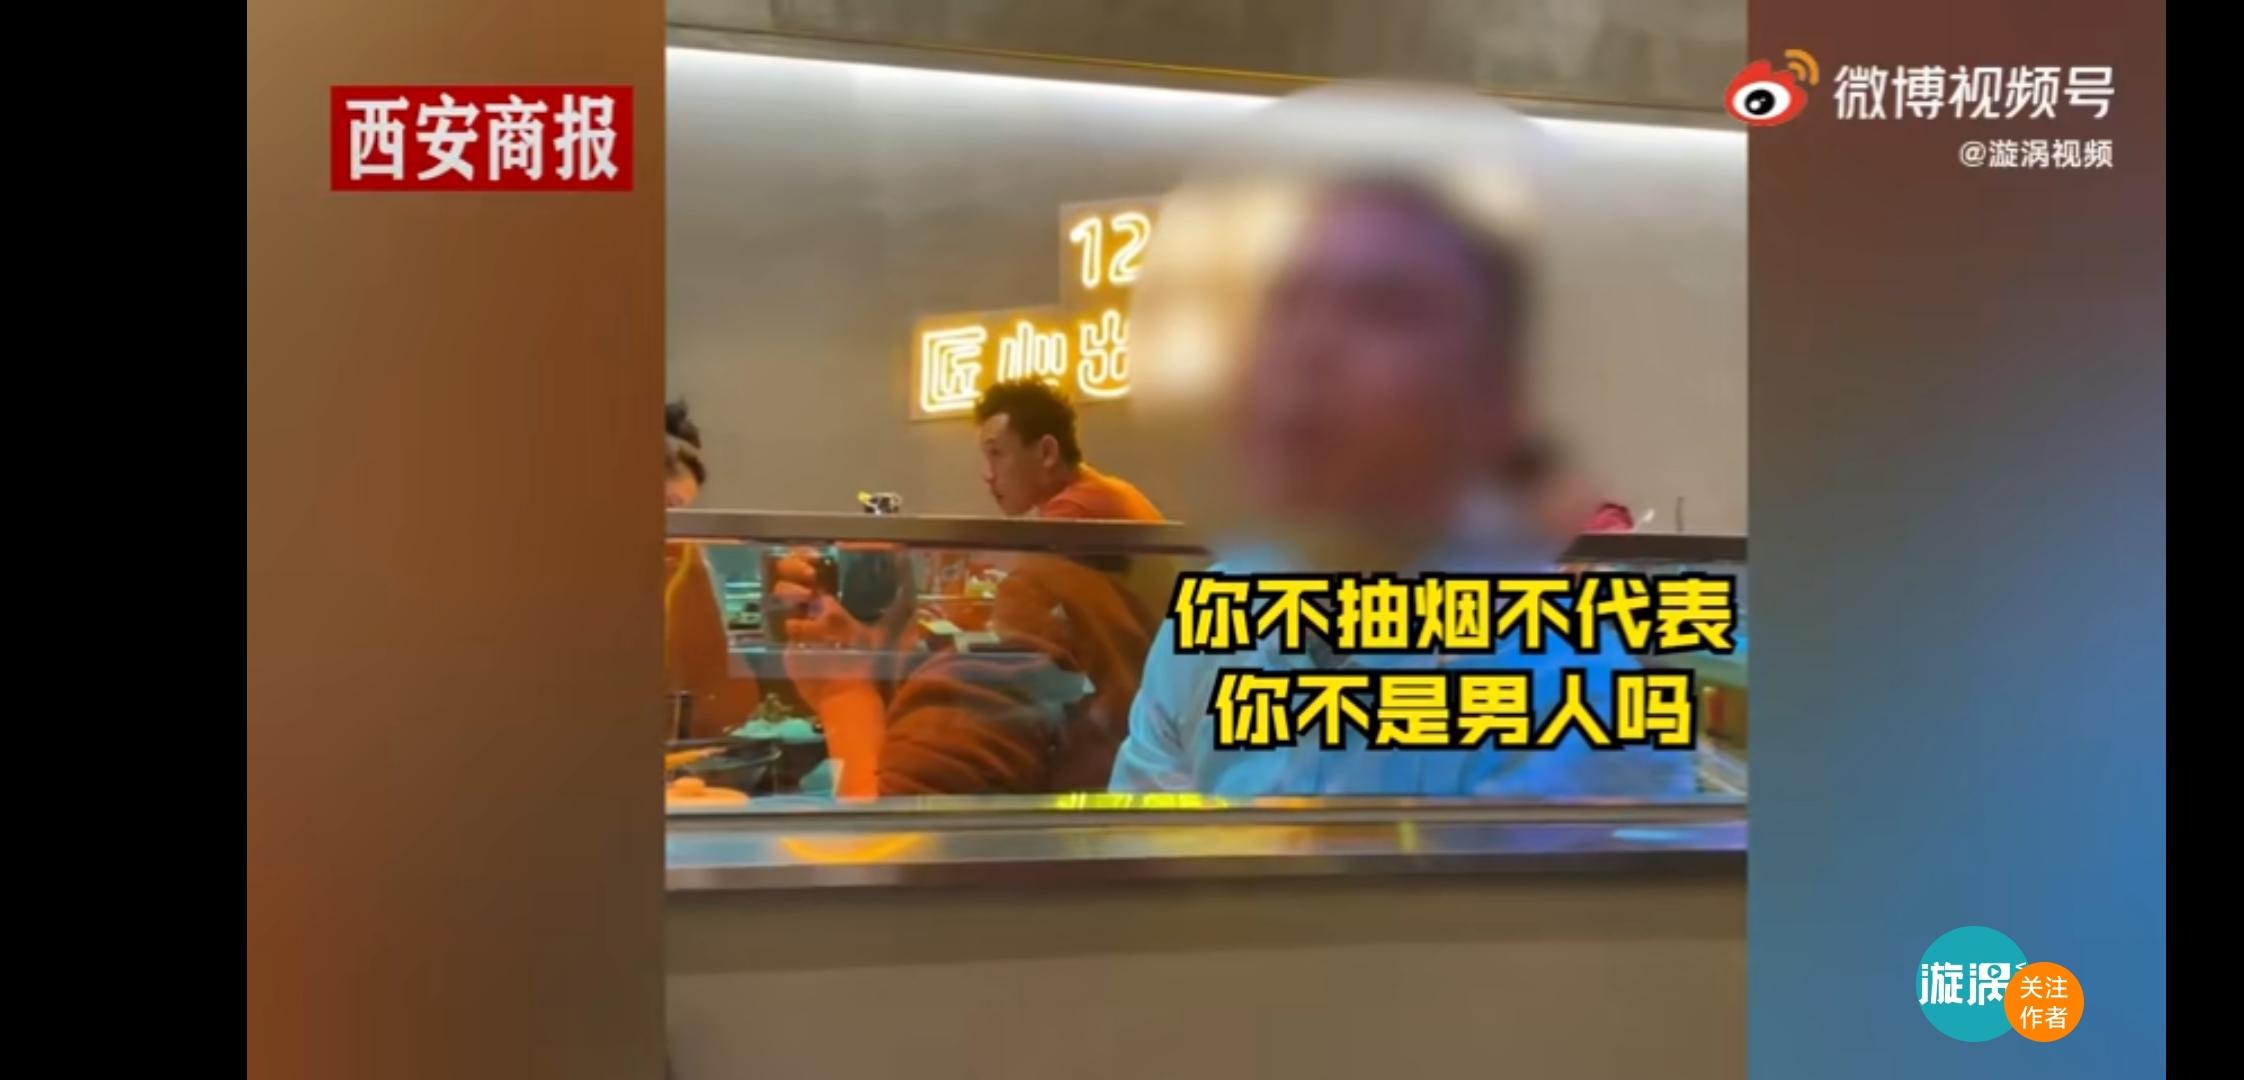 火锅店女子劝阻领桌男子不要吸烟,当场被泼不明液体